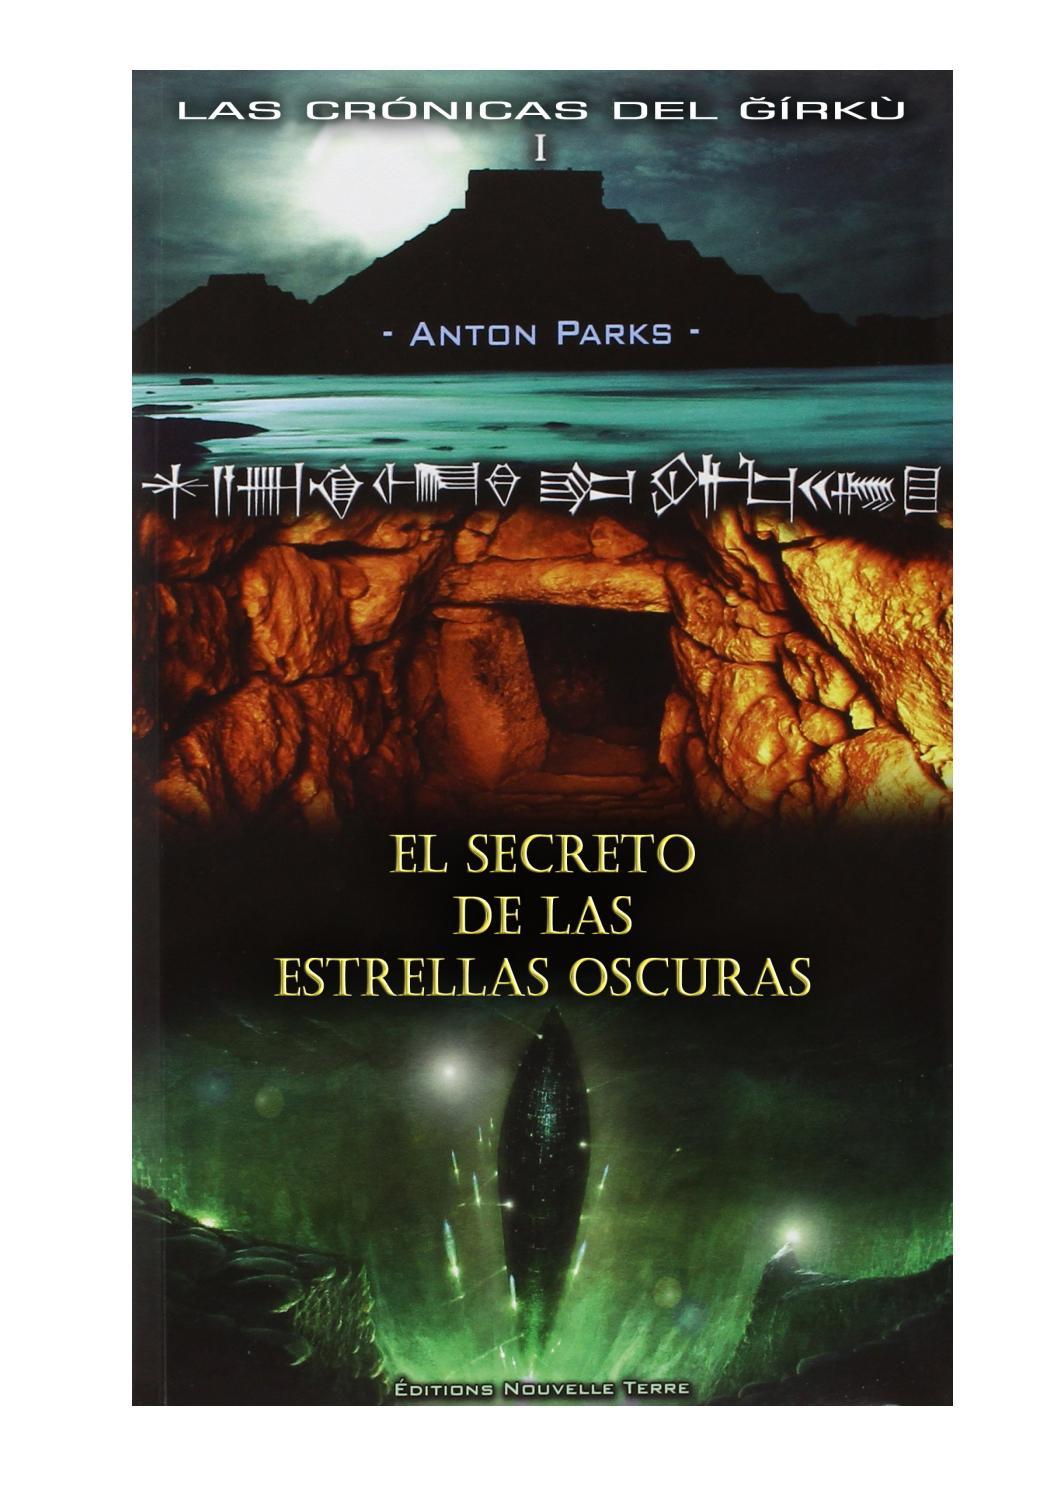 a1655bb2ddaf Anton Parks - El Secreto de las Estrellas Oscuras by Utihiilaa Arzulu -  issuu